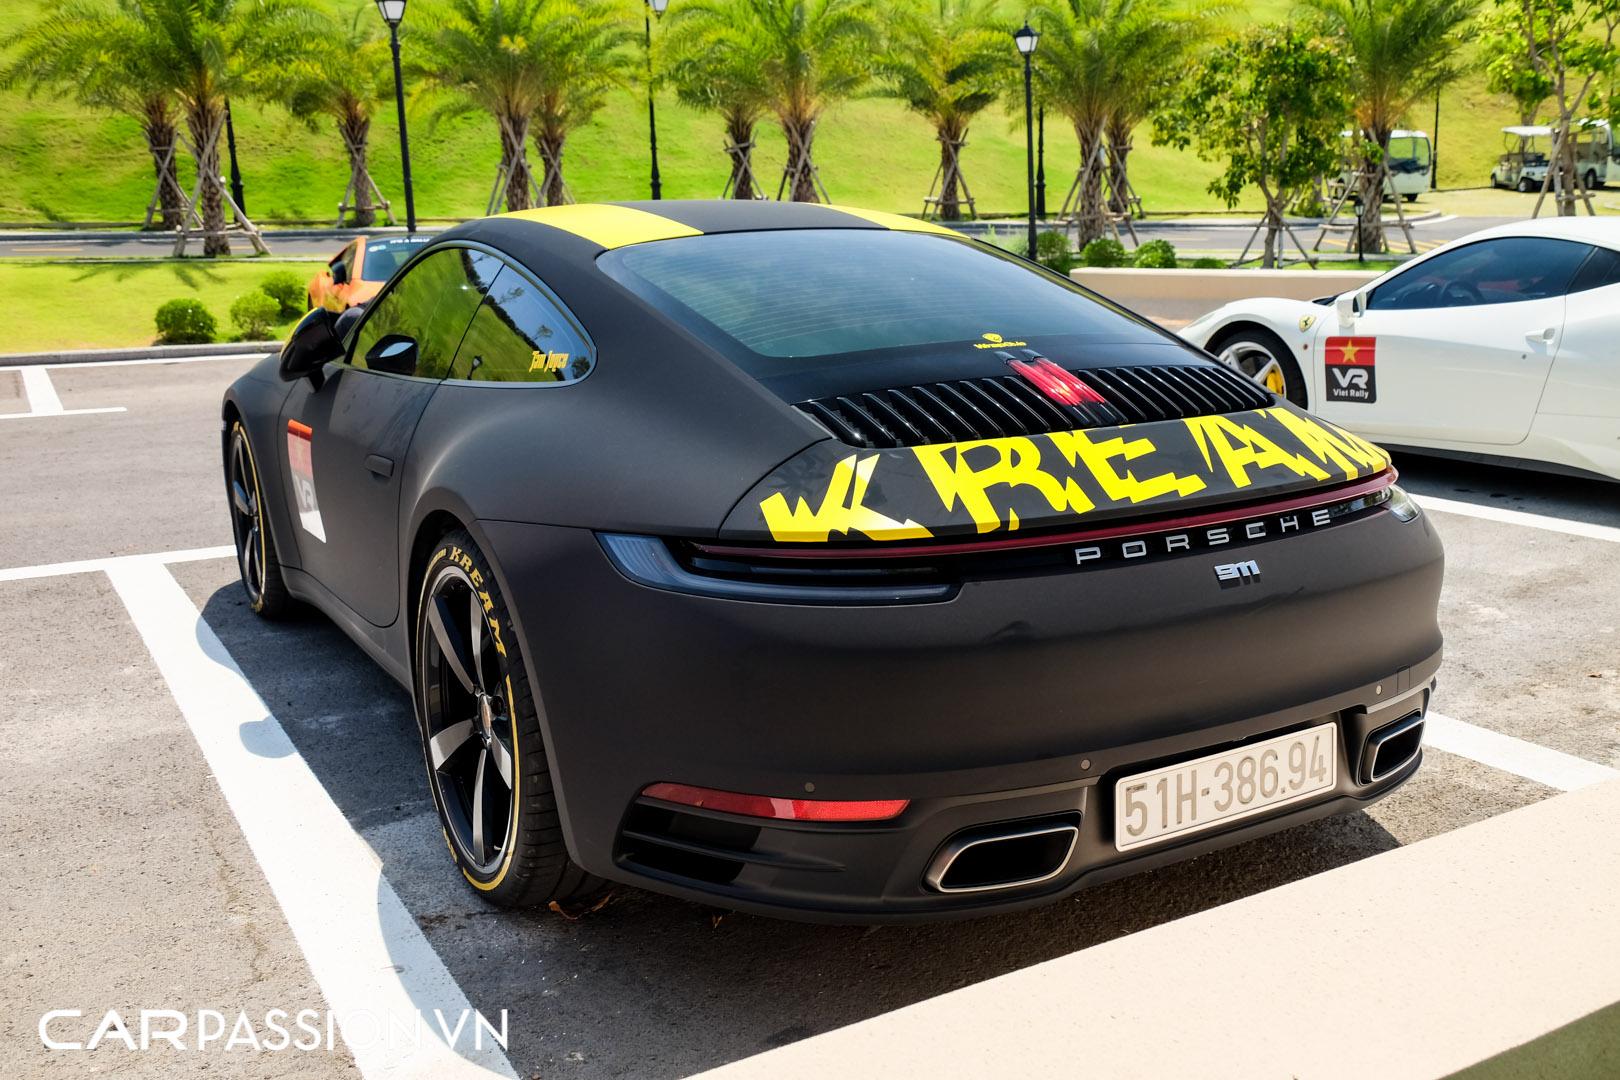 Porsche 911 của vợ chồng YouTuber (18).JPG